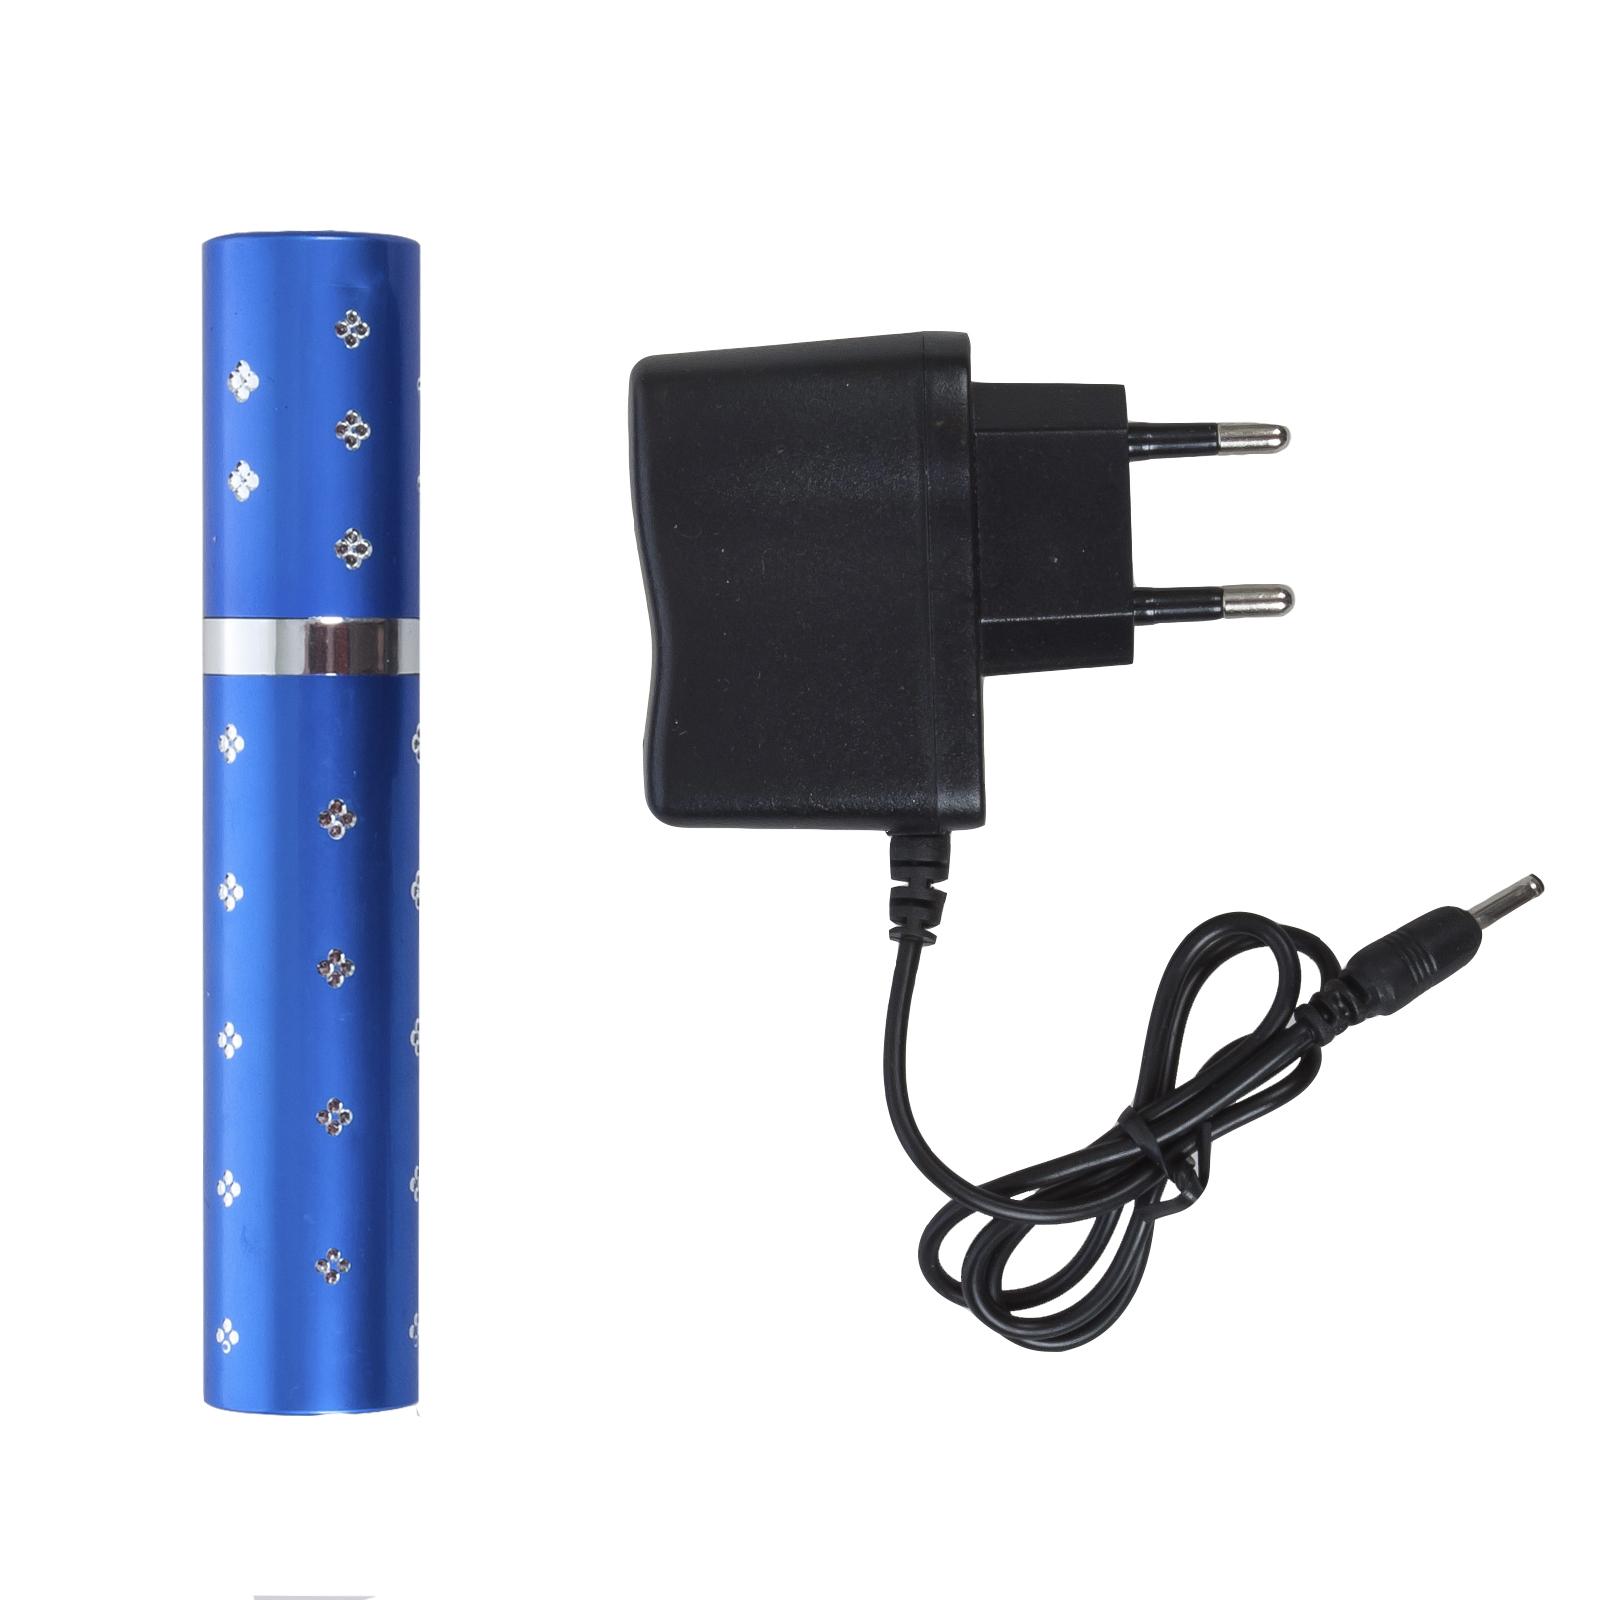 Помада фонарик с отпугивателем 1202 TYPE - заказать недорого